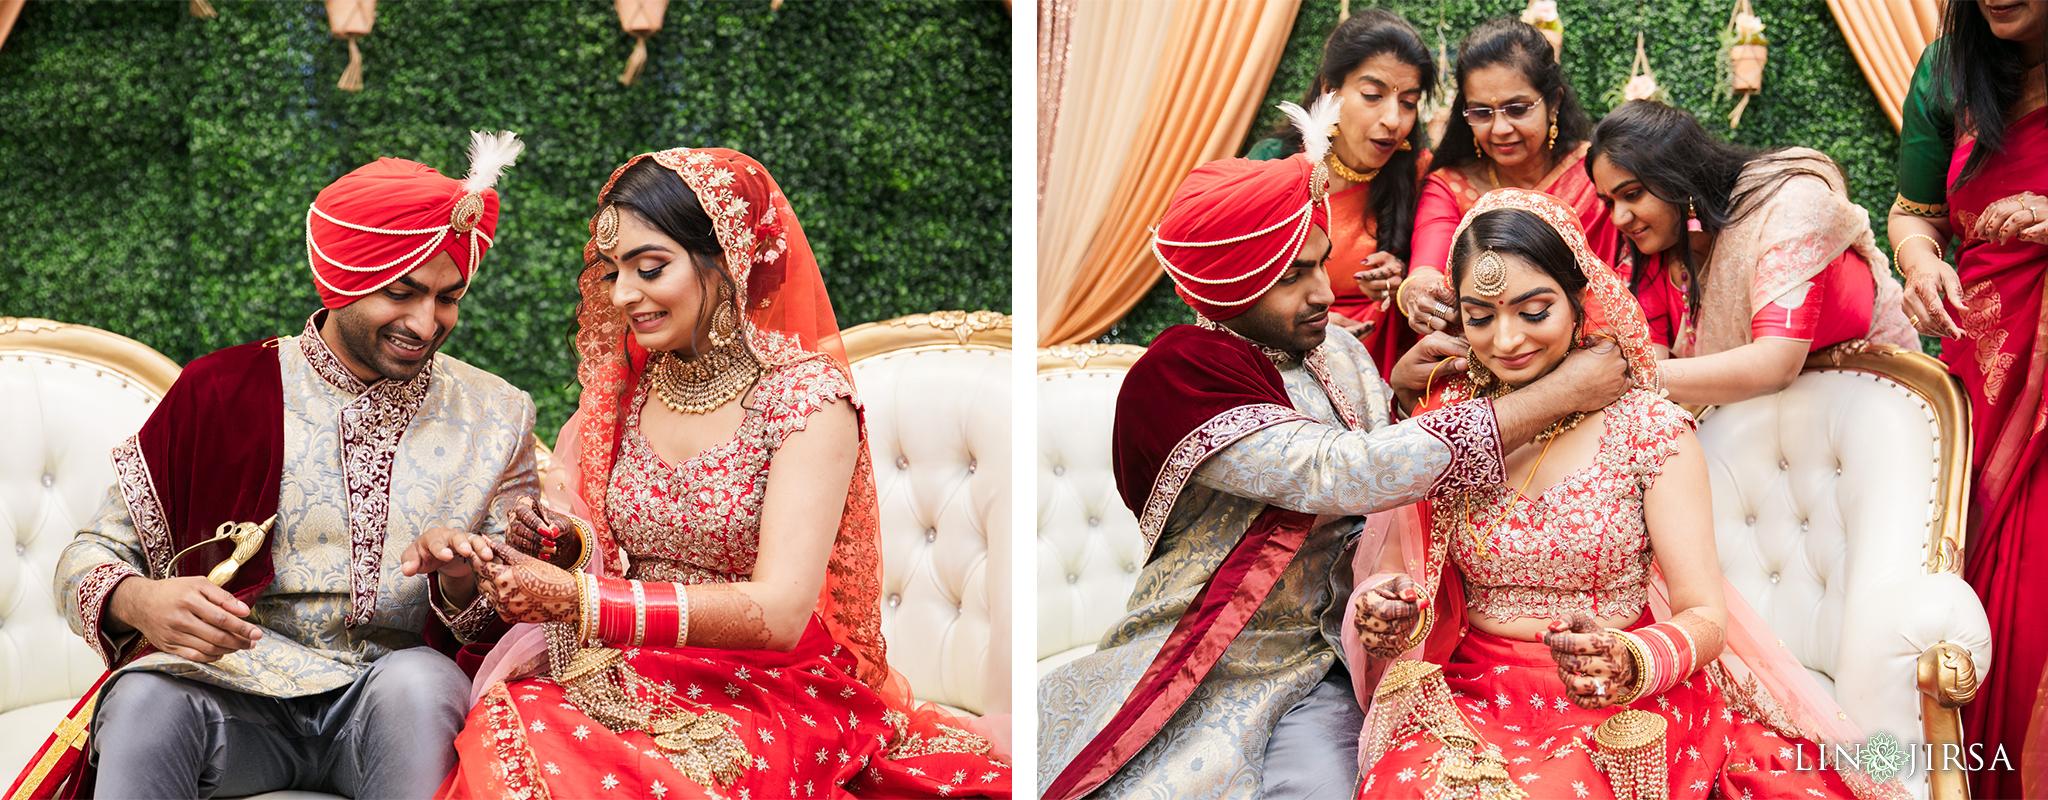 19 Sikh Gurdwara San Jose Punjabi Indian Wedding Photography